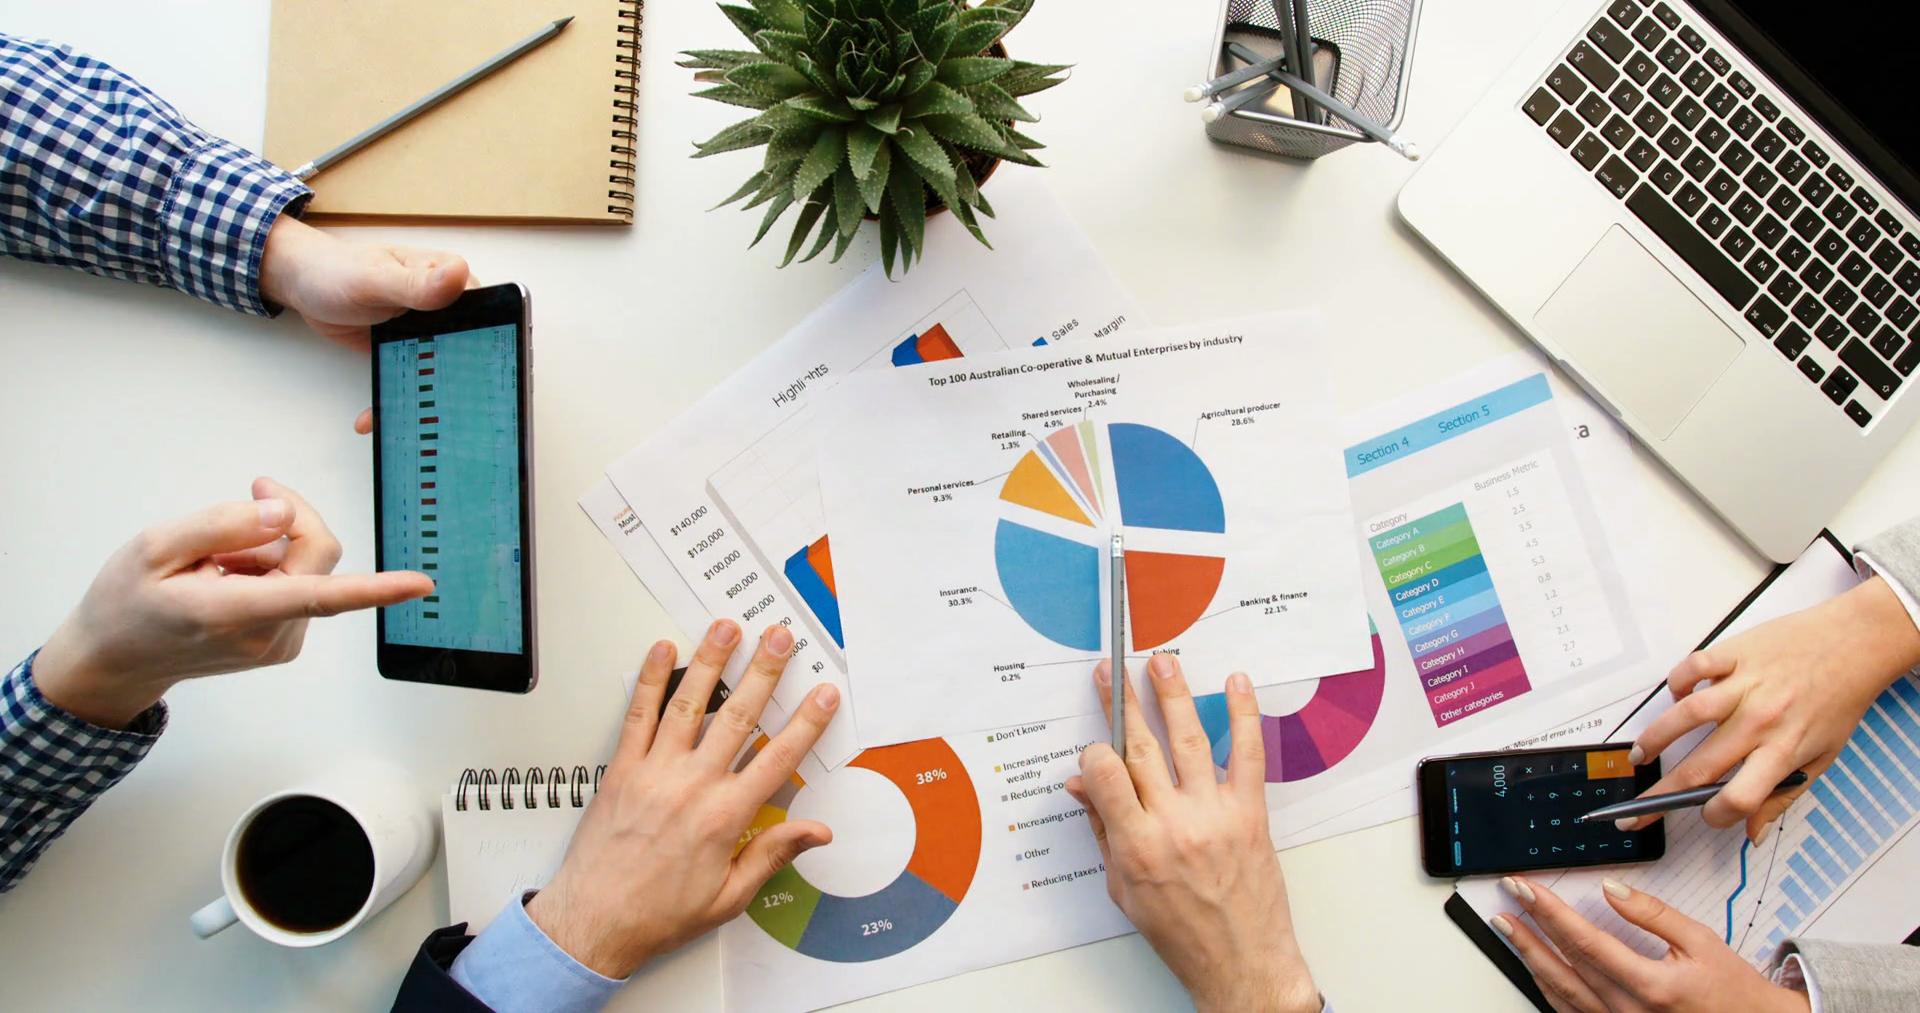 manfaat laporan keuangan